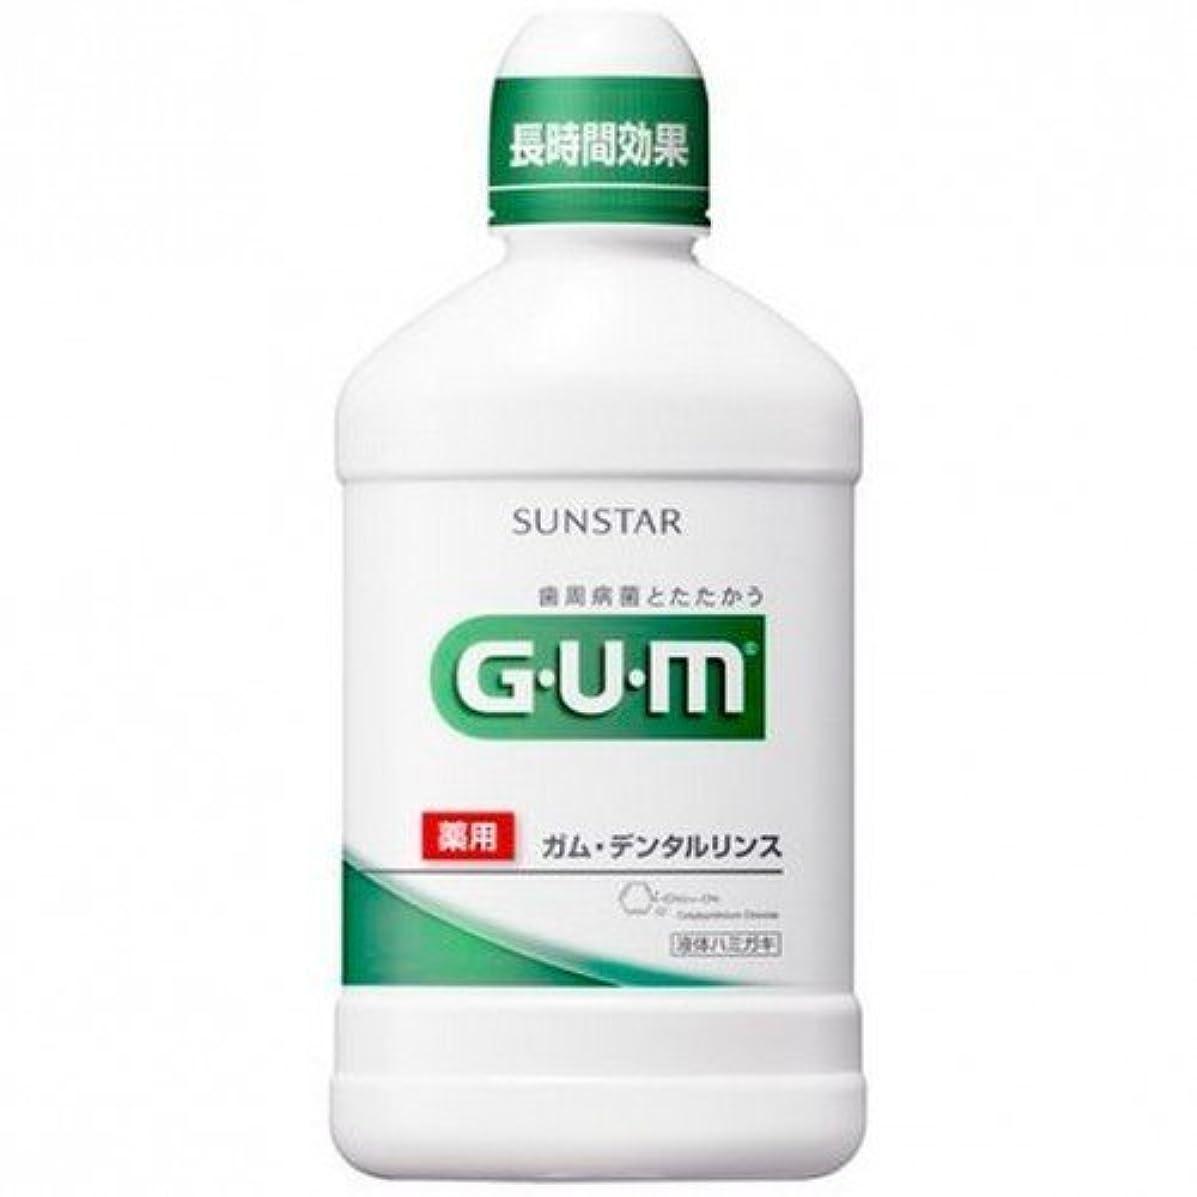 アライアンス命題反対にGUM(ガム) 薬用 デンタルリンス レギュラータイプ 500ml ?おまとめセット【6個】?